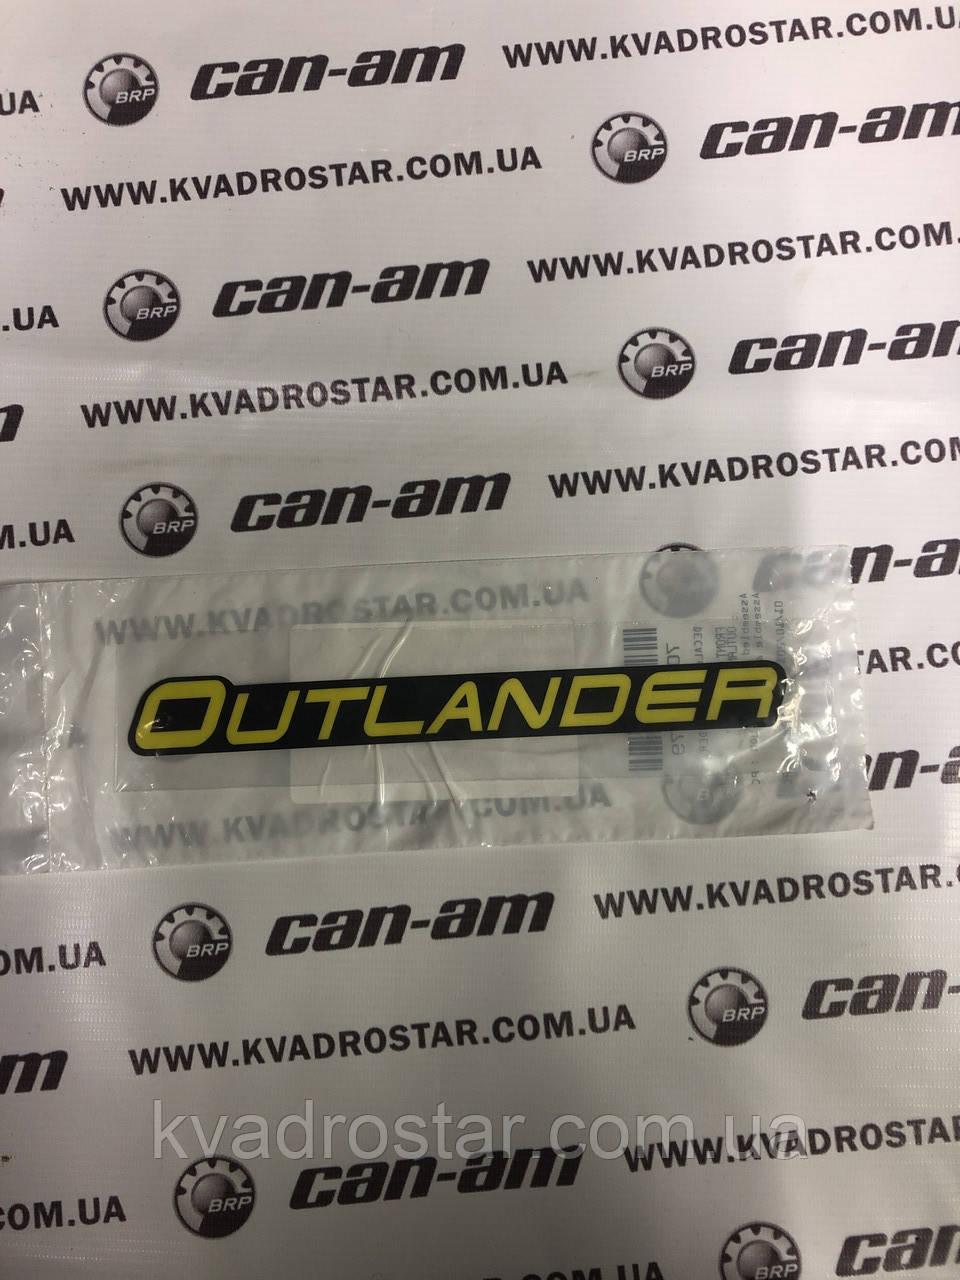 Наклейка для Квадроцыкла Brp Can Am Outlander №200